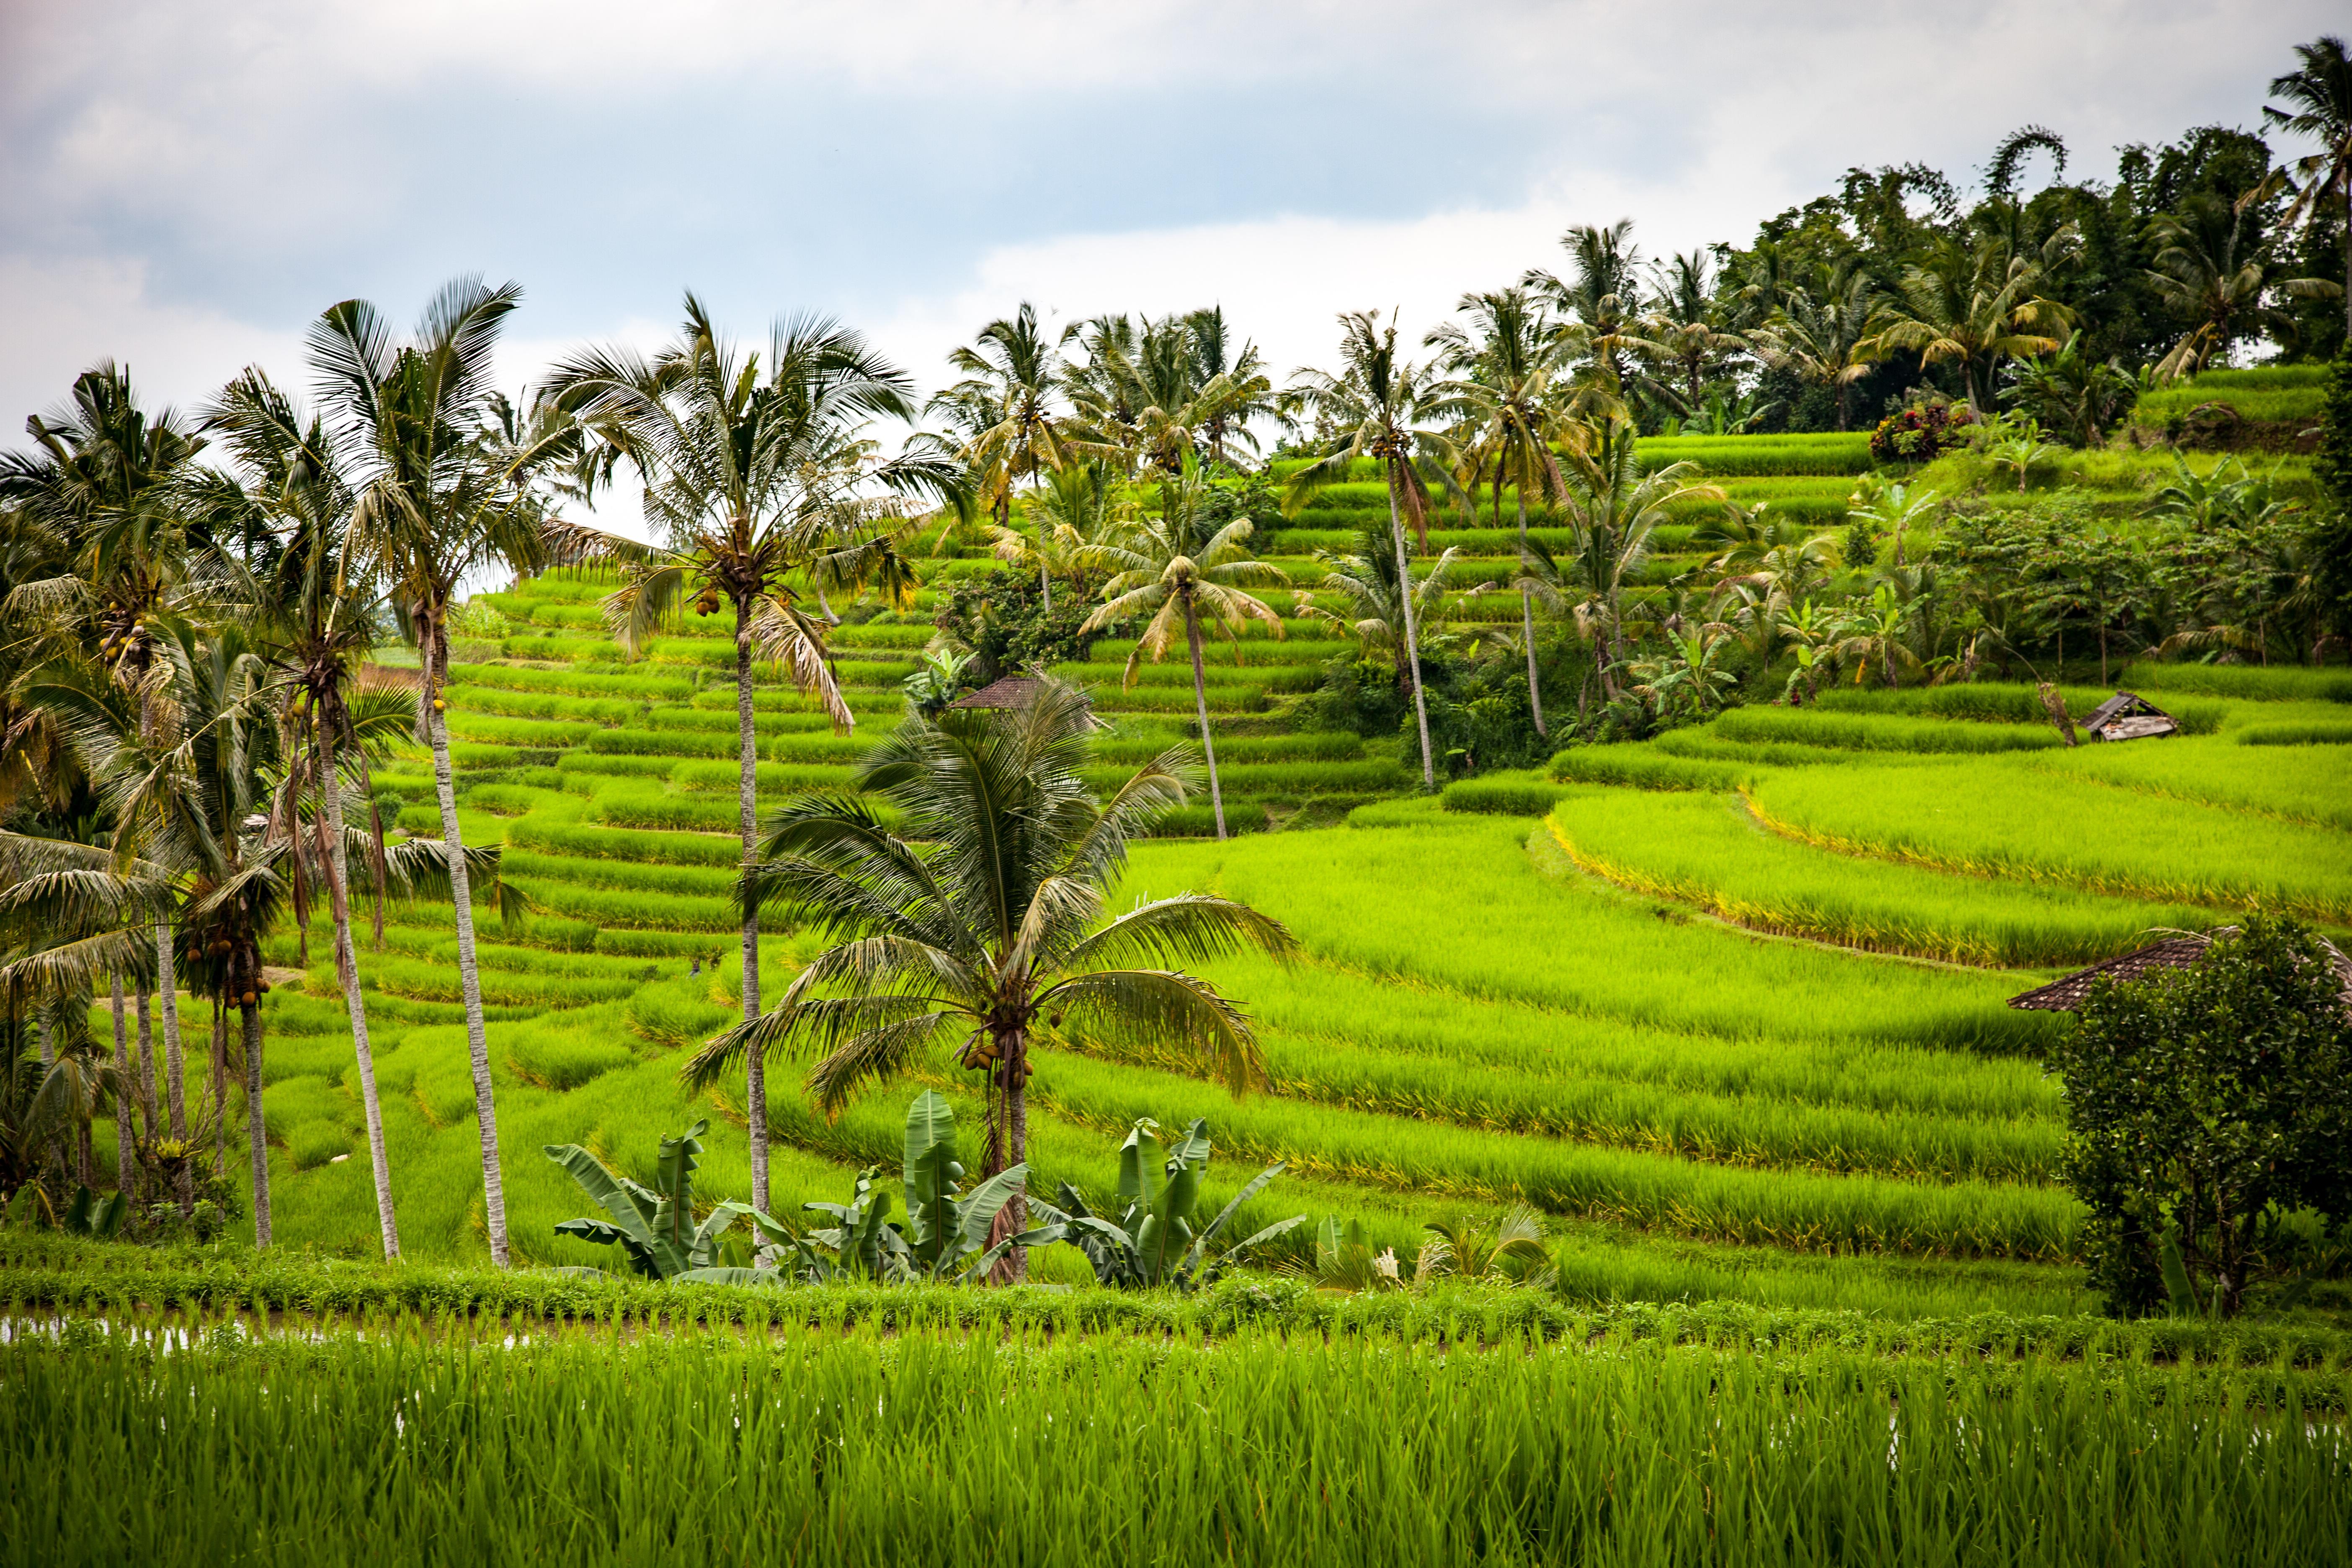 Immagini Belle : paesaggio, natura, erba, campo, prato, fiore, verde ...